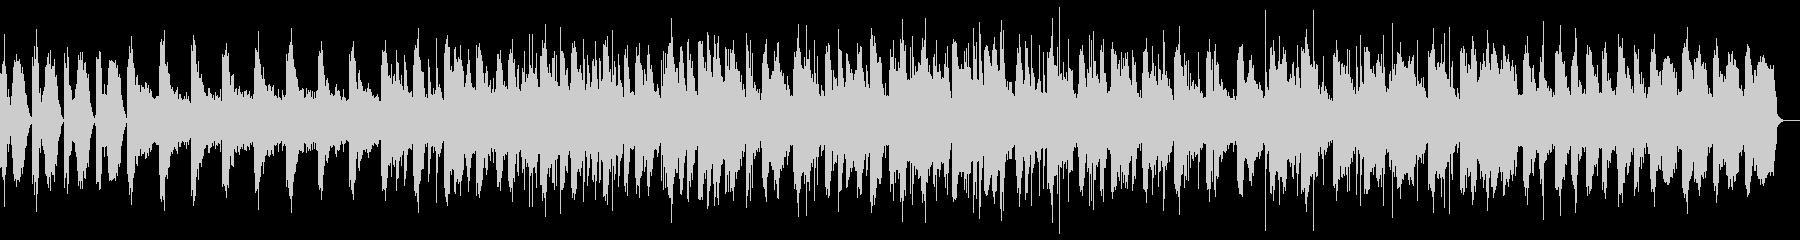 ピアノと波の音のヒーリングの未再生の波形